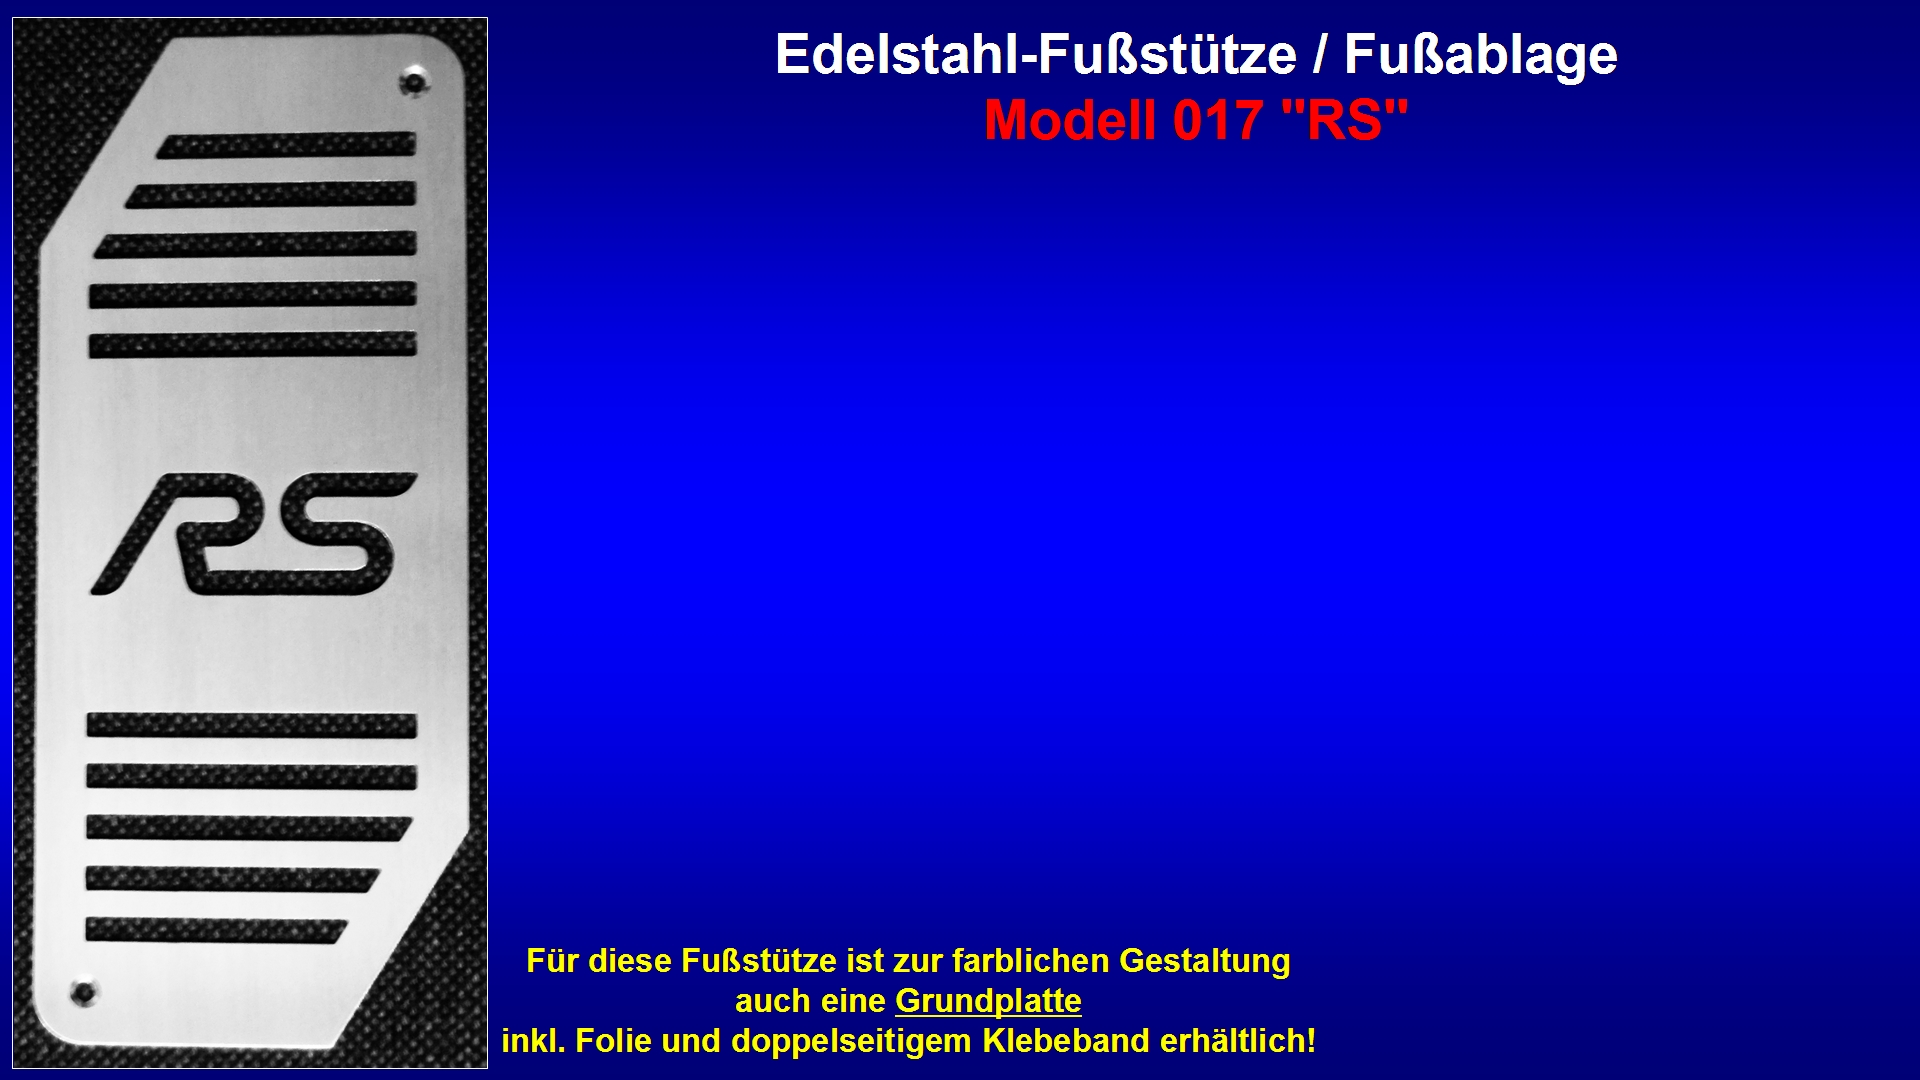 Präsentation Edelstahl-Fußstütze Modell 017 ''RS'' [RS-Logo].jpg